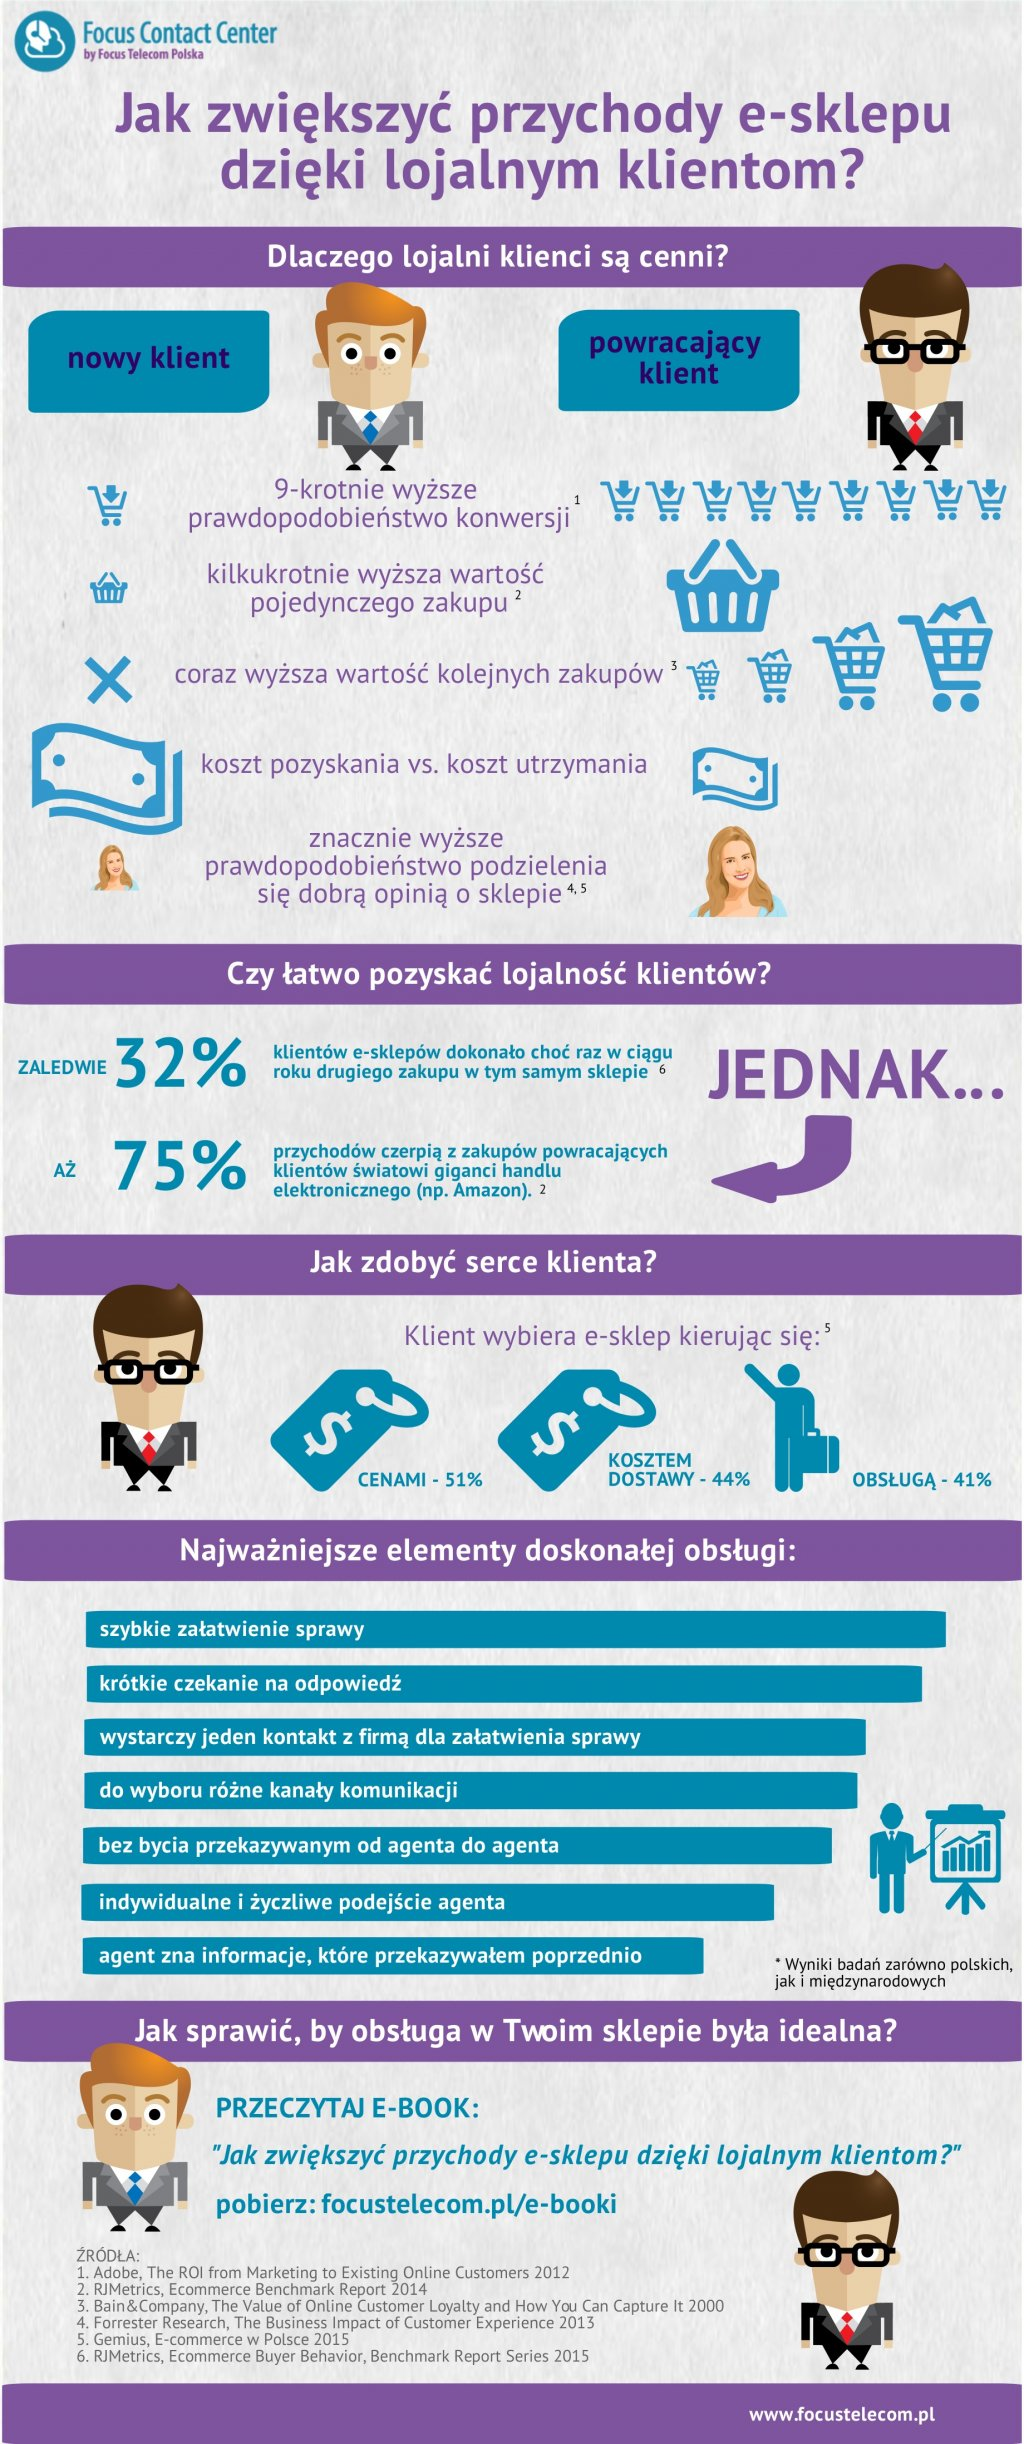 Jak zwiększyć przychody e-sklepu dzięki lojalnym klientom